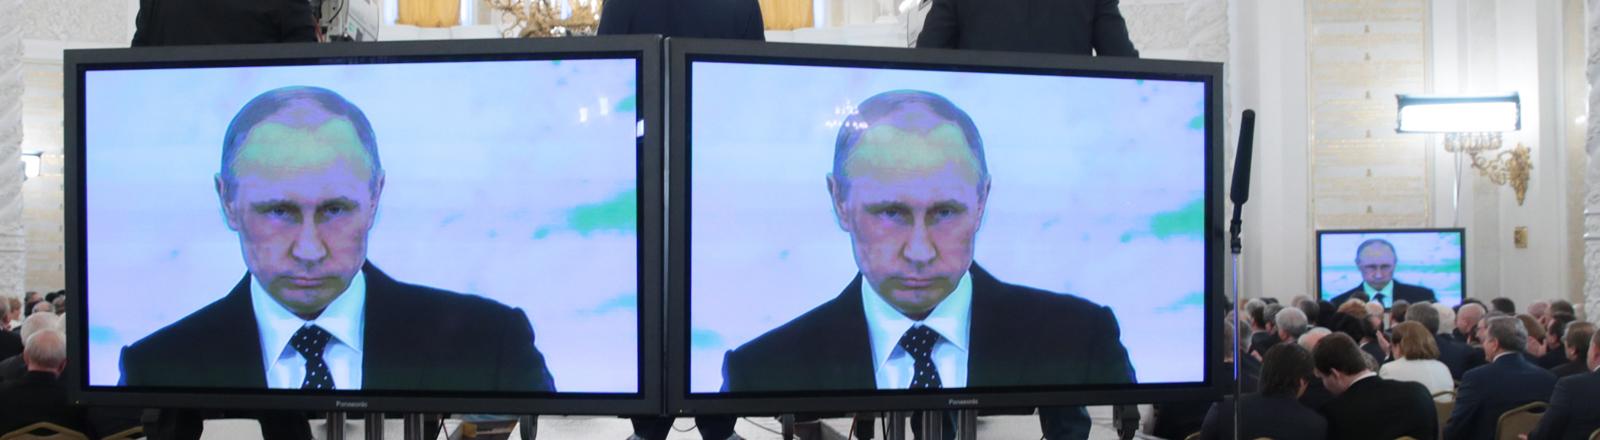 Wladimir Putin ist bei einer Rede auf Bildschirmen zu sehen.